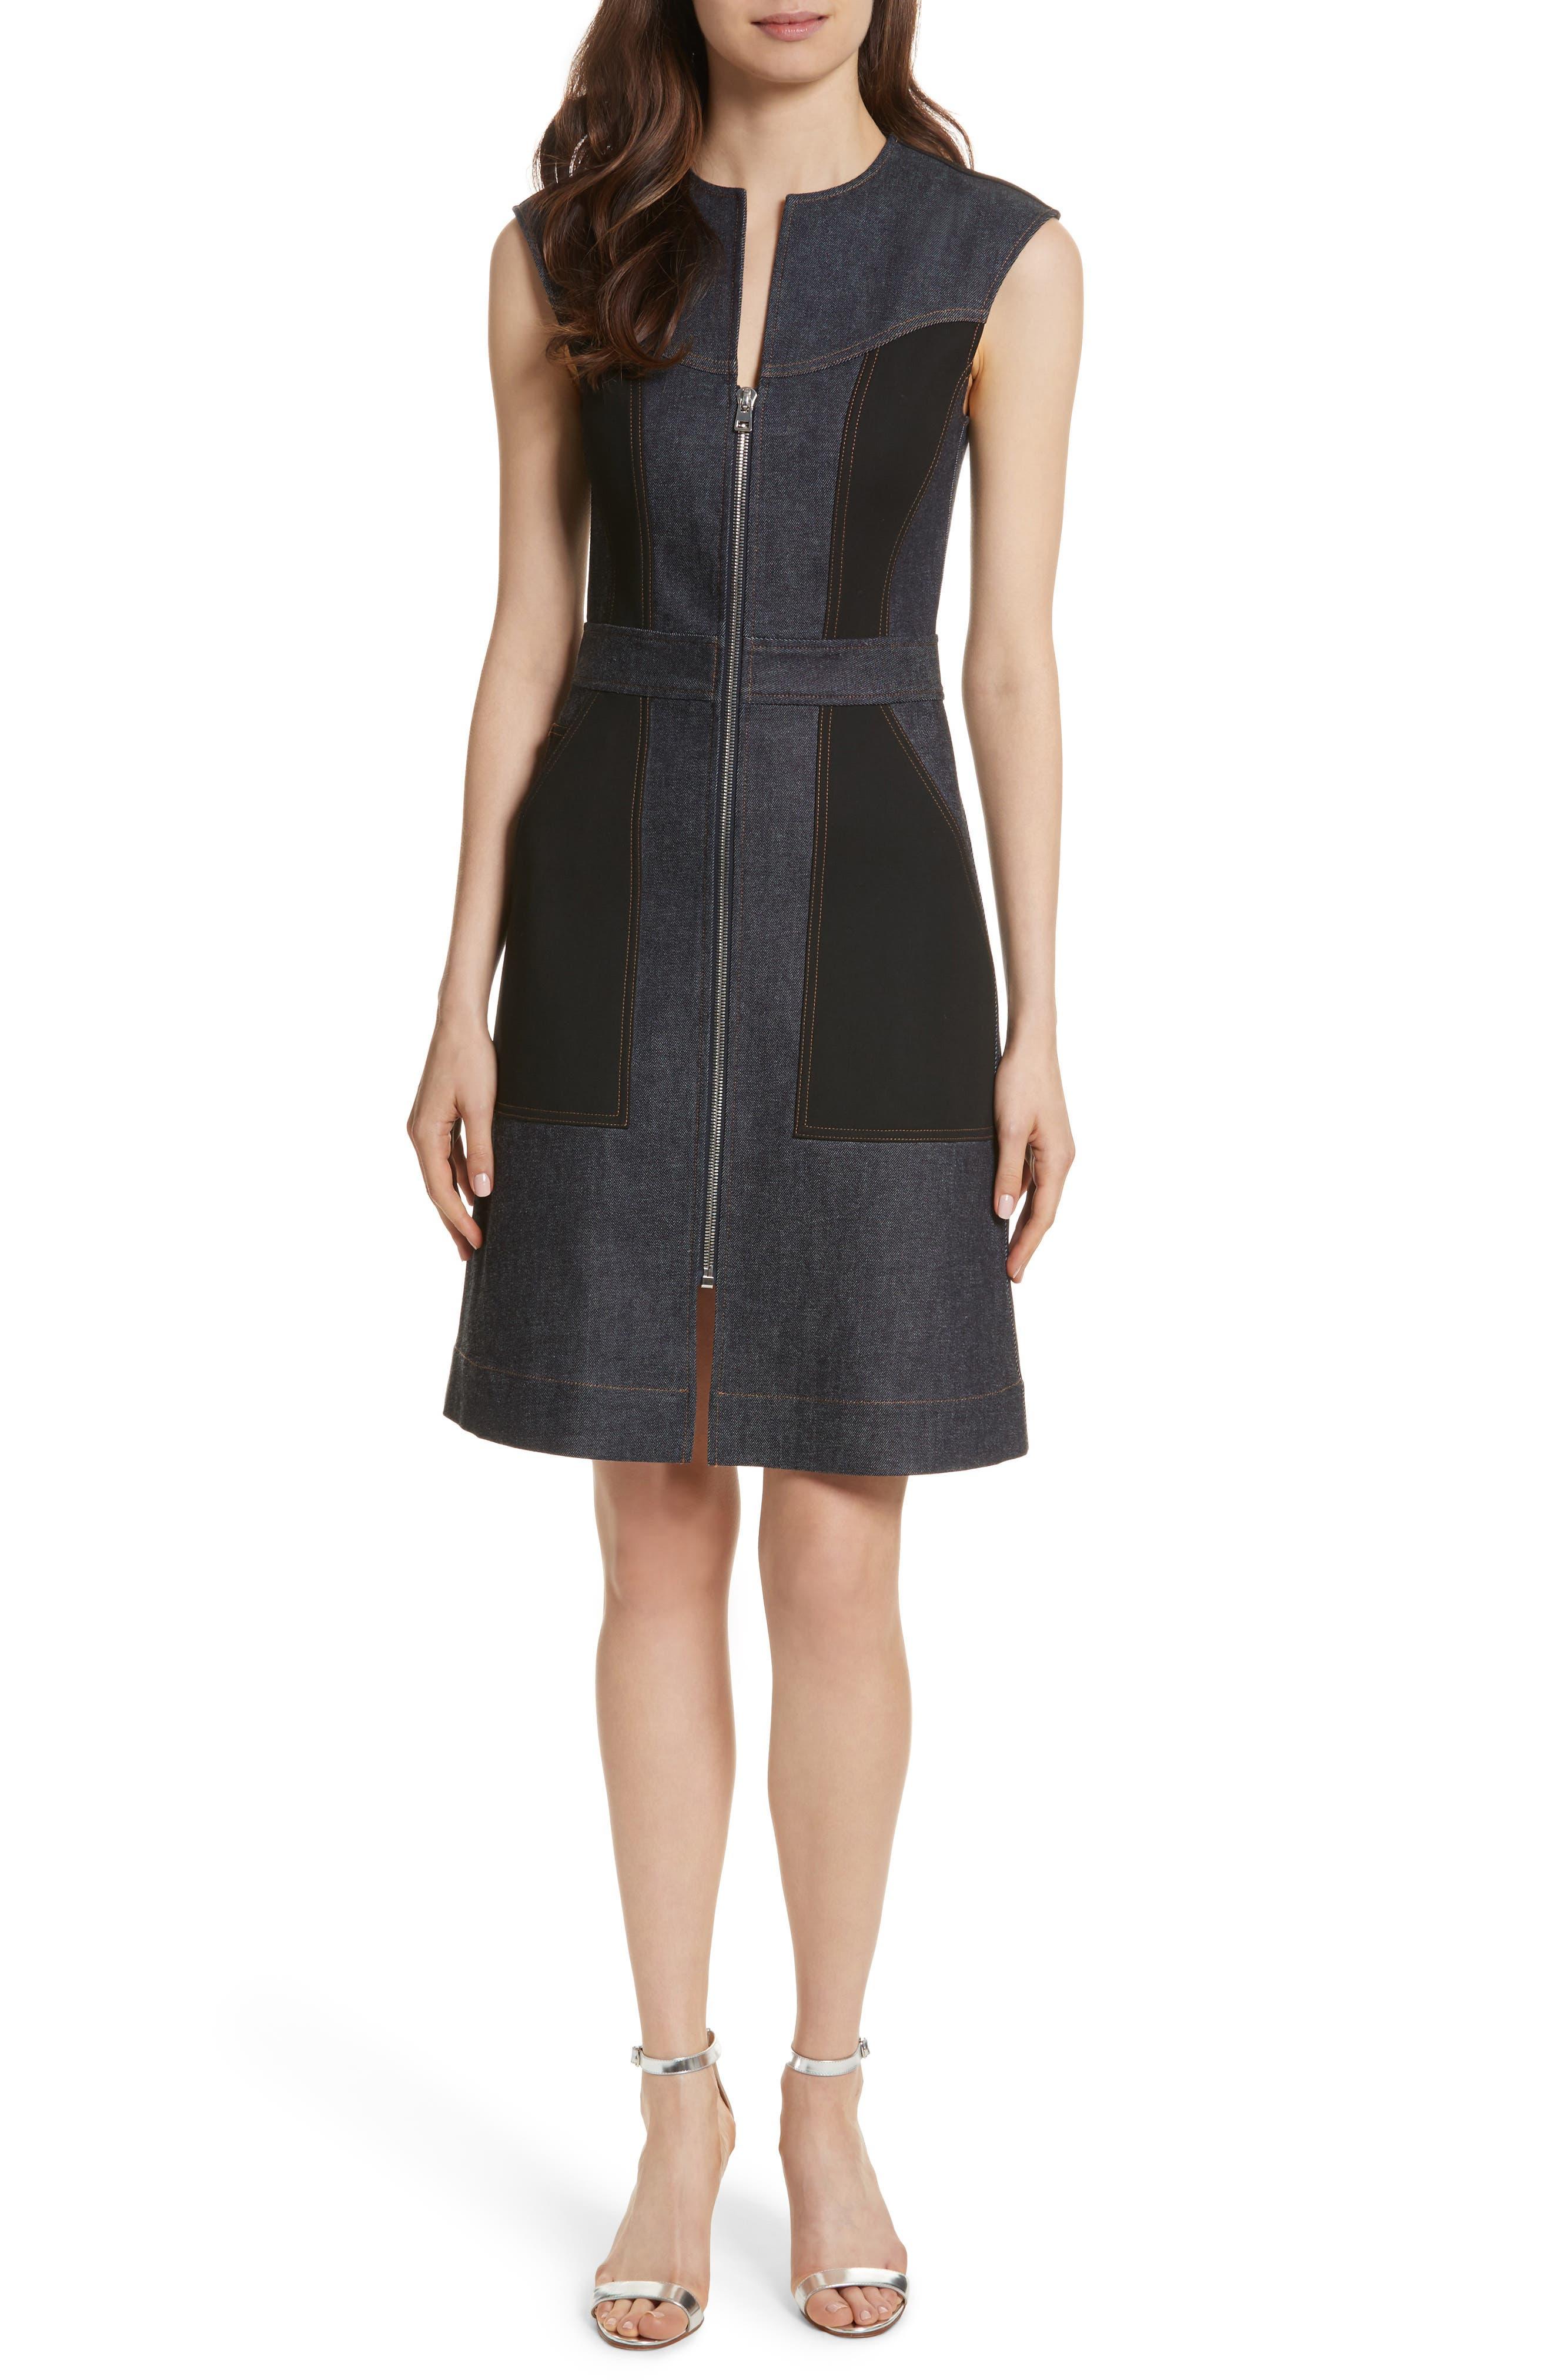 Diane von Furstenberg Front Zip Denim Dress,                         Main,                         color, Indigo/ Black